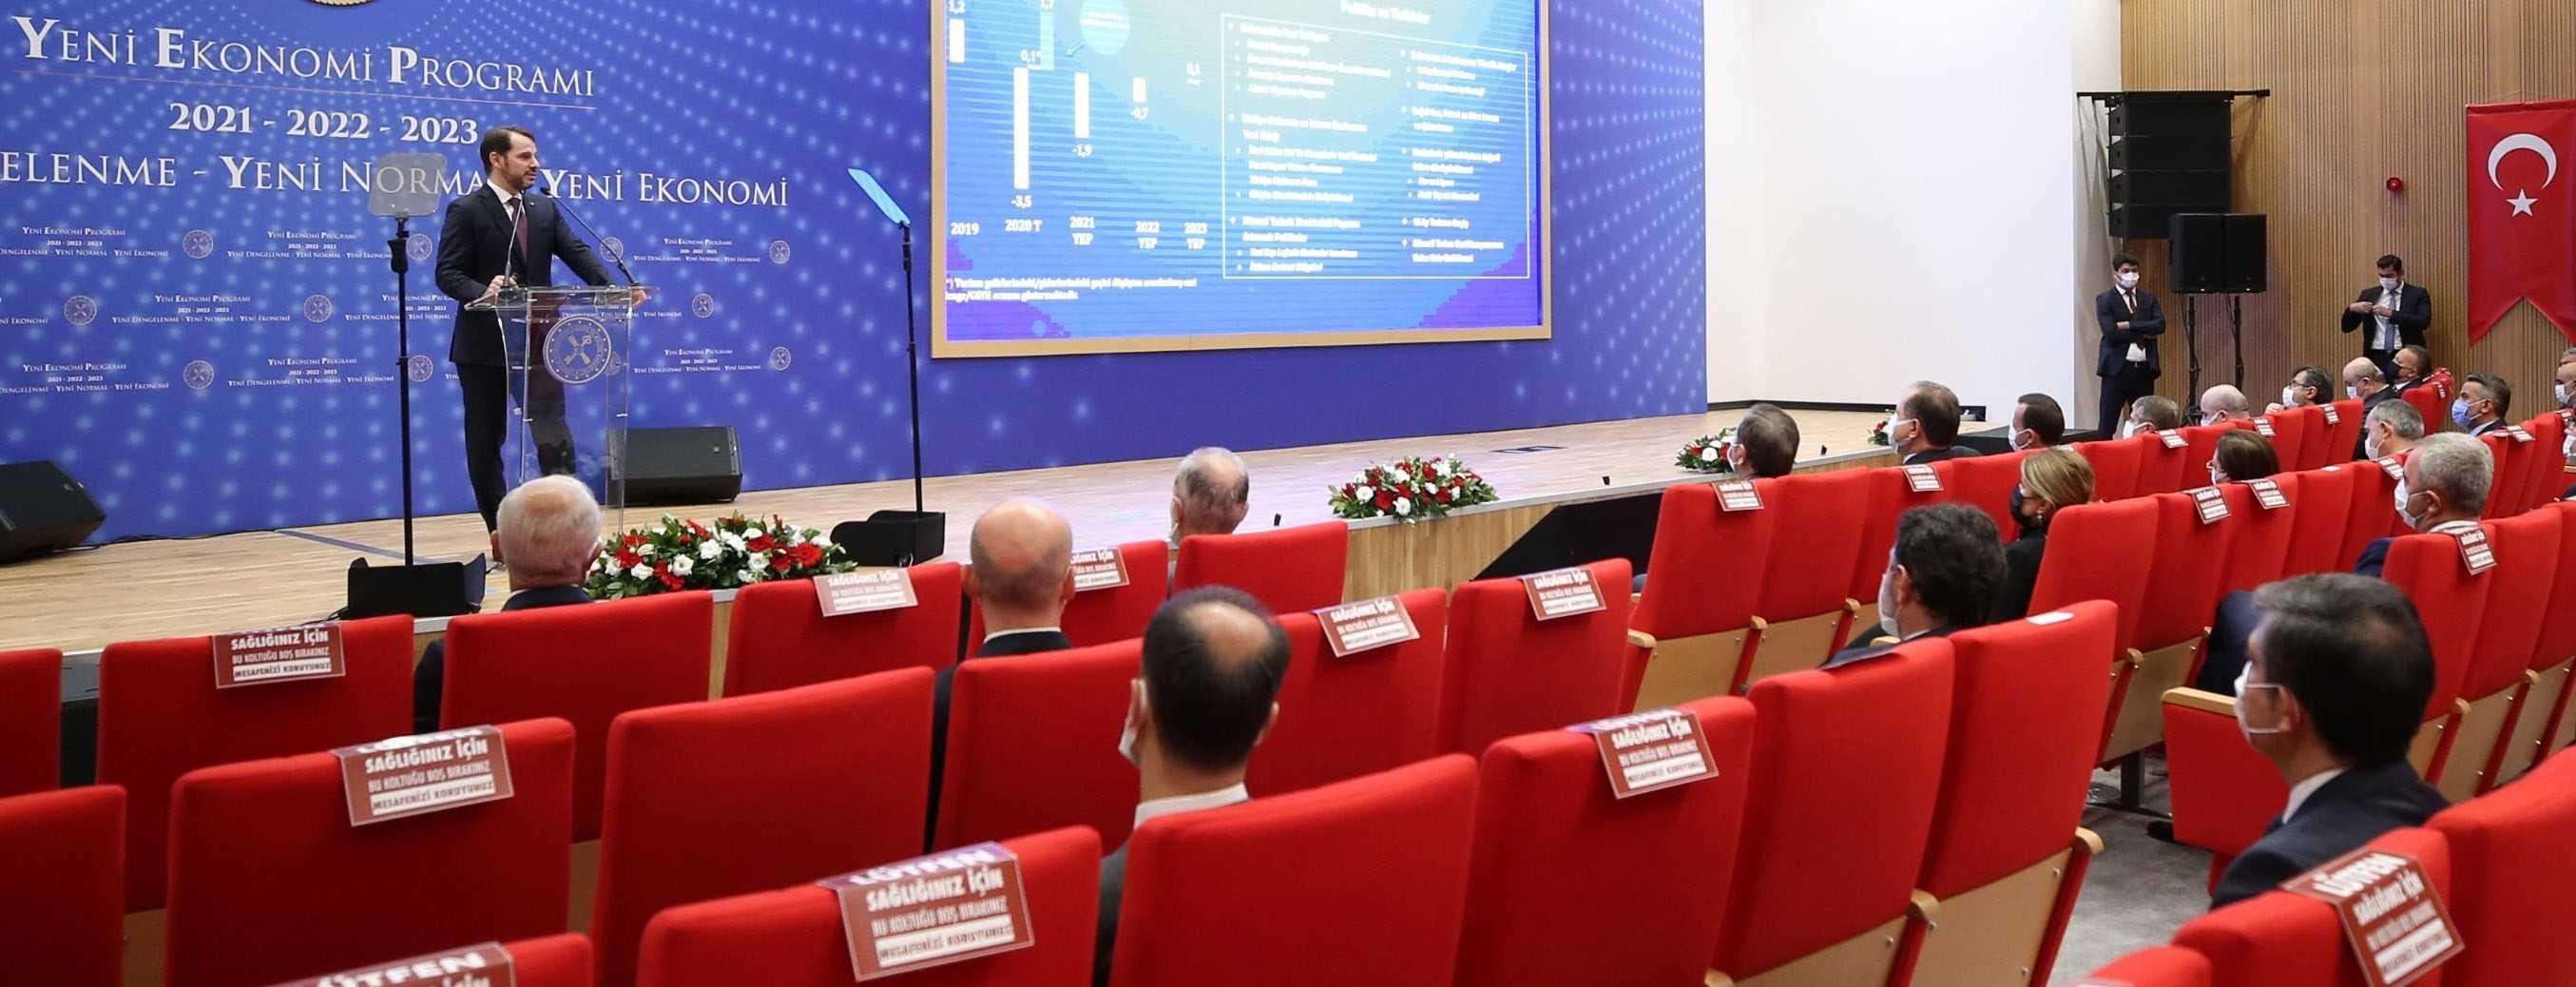 Ekonomistler de YEP'i olumlu karşıladı: V Tipi toparlanma sürecek Türkiye hızla büyüyecek